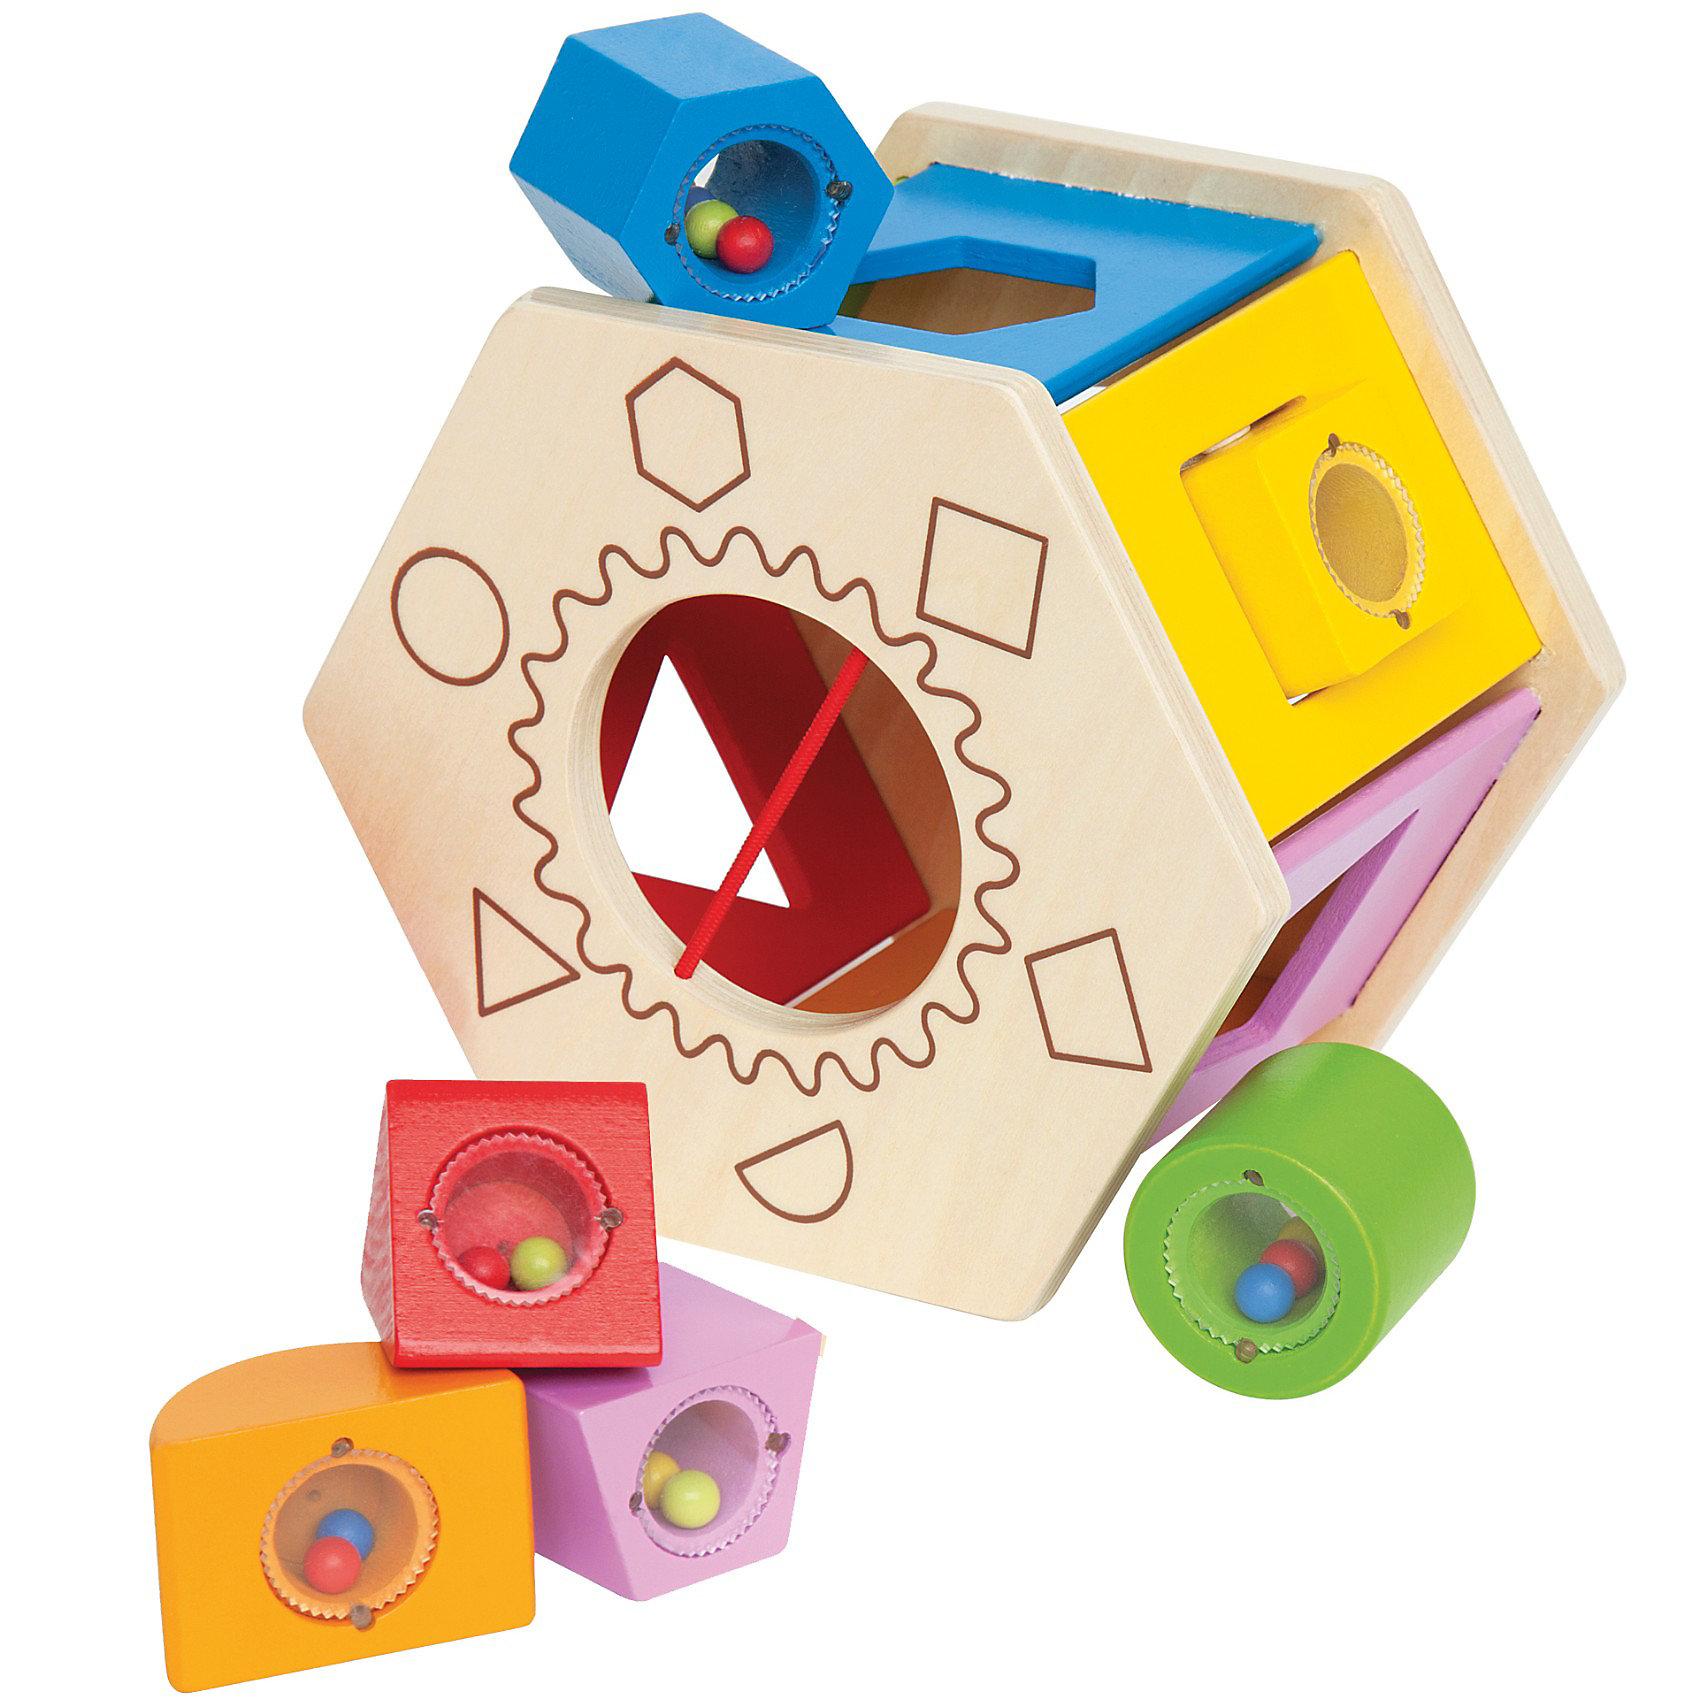 Игрушка деревянная Сортер, HapeИгрушка деревянная Сортер, Hape (Хейп).<br><br>Характеристики:<br><br>- Комплектация: сортер, 6 разноцветных фигурок с бусинками внутри (полукруг, круг, трапеция, шестигранник, квадрат, треугольник)<br>- Размер игрушки: 17х15,2х11,9 см.<br>- Материал: древесина<br>- Размер упаковки: 18х15,5х12,5 см<br>- Вес: 1 кг.<br><br>Замечательный сортер, сделанный из древесины, создан специально для всестороннего развития малышей. Сортер выполнен в виде шестигранника с различными геометрическими отверстиями, в которые нужно вставлять небольшие разноцветные фигурки, заполненные бусинками. Игрушку можно перекатывать с места на место. А когда малыш закончит играть, то фигурные блоки можно собрать в сортер, через большое отверстие. Сортер и детали имеют округлые формы. Яркая краска, которой покрыто изделие, абсолютно безопасна для ребенка. Игра с таким сортером развлечет малыша и принесет много положительных эмоций. Правильно подбирая фигурки и вставляя их в отверстия, малыш разовьет моторику, логическое мышление, ловкость и координацию. Также ребенок познакомится с цветами, различными формами и поймет причинно-следственные связи.<br><br>Игрушку деревянную Сортер, Hape (Хейп) можно купить в нашем интернет-магазине.<br><br>Ширина мм: 155<br>Глубина мм: 125<br>Высота мм: 180<br>Вес г: 667<br>Возраст от месяцев: 12<br>Возраст до месяцев: 36<br>Пол: Унисекс<br>Возраст: Детский<br>SKU: 2416647